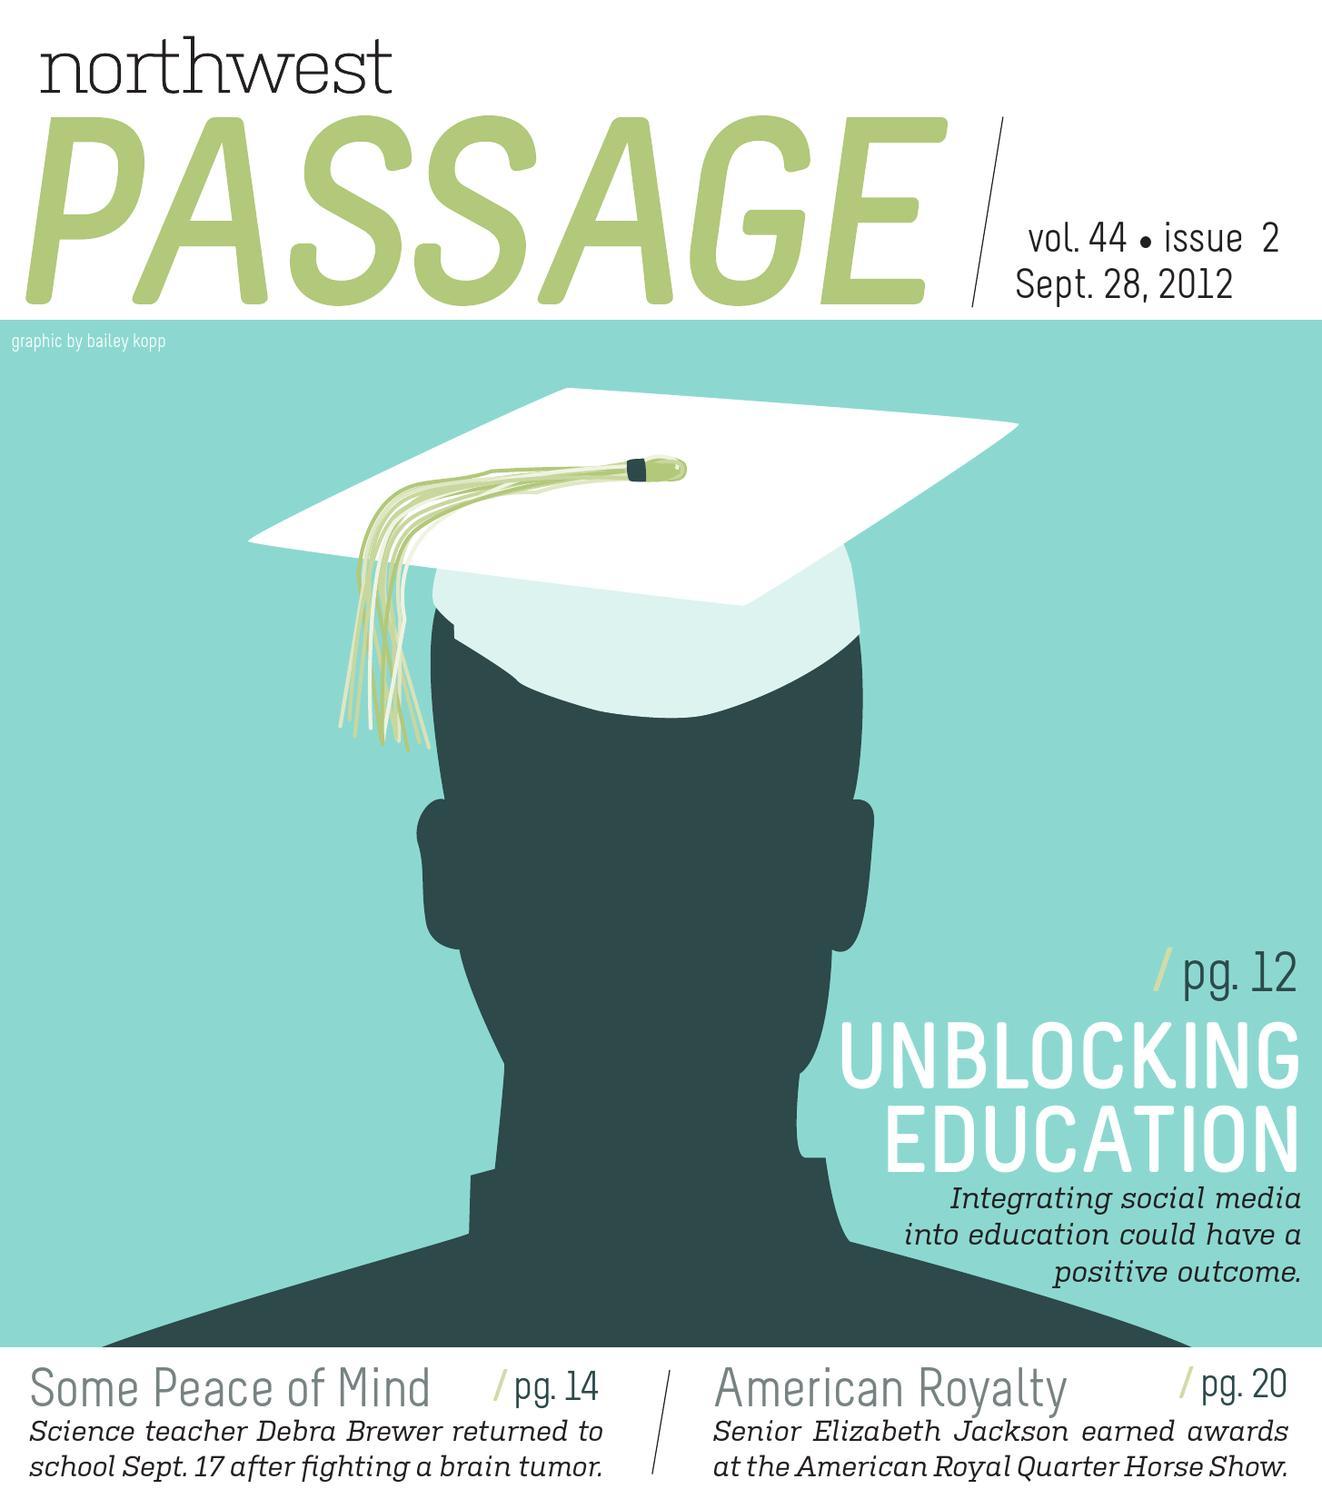 Northwest Passage Issue 2 2012 by Northwest Passage - issuu